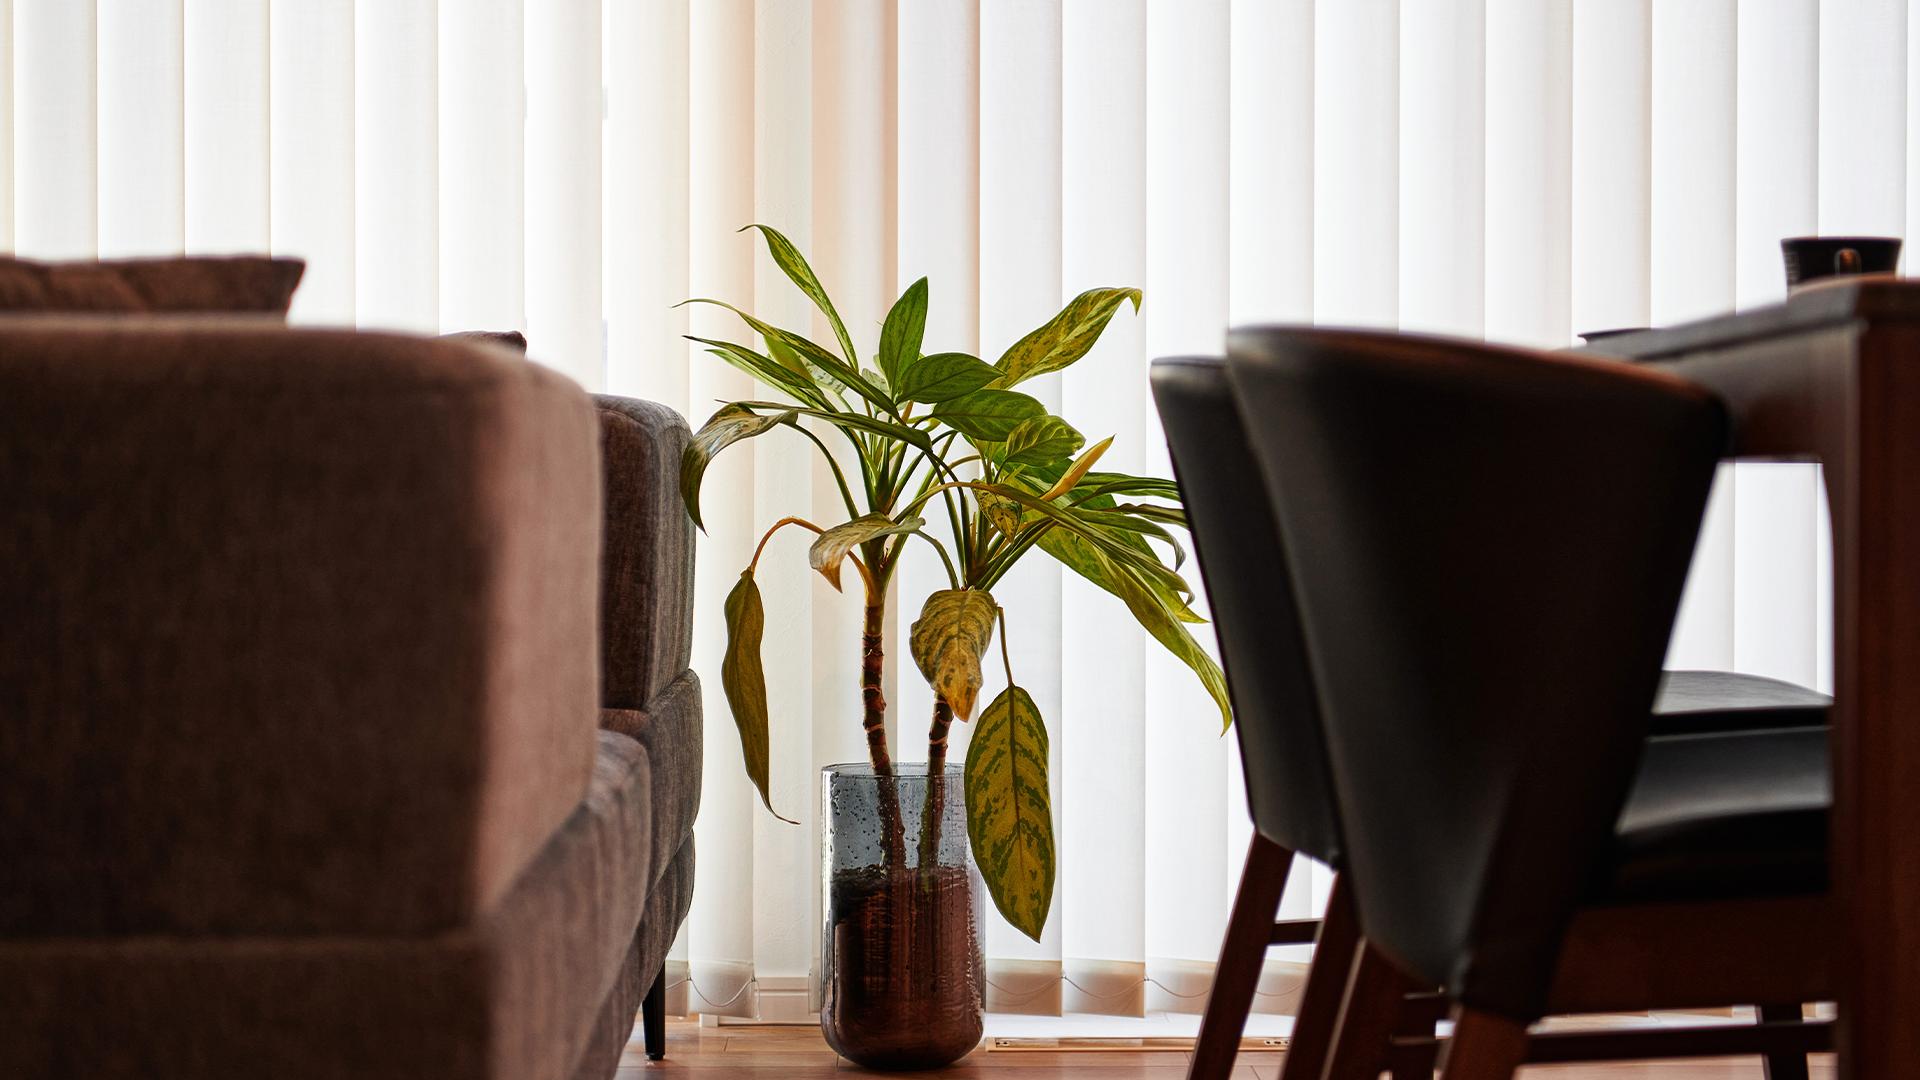 外の日差しに照らされた観葉植物の画像